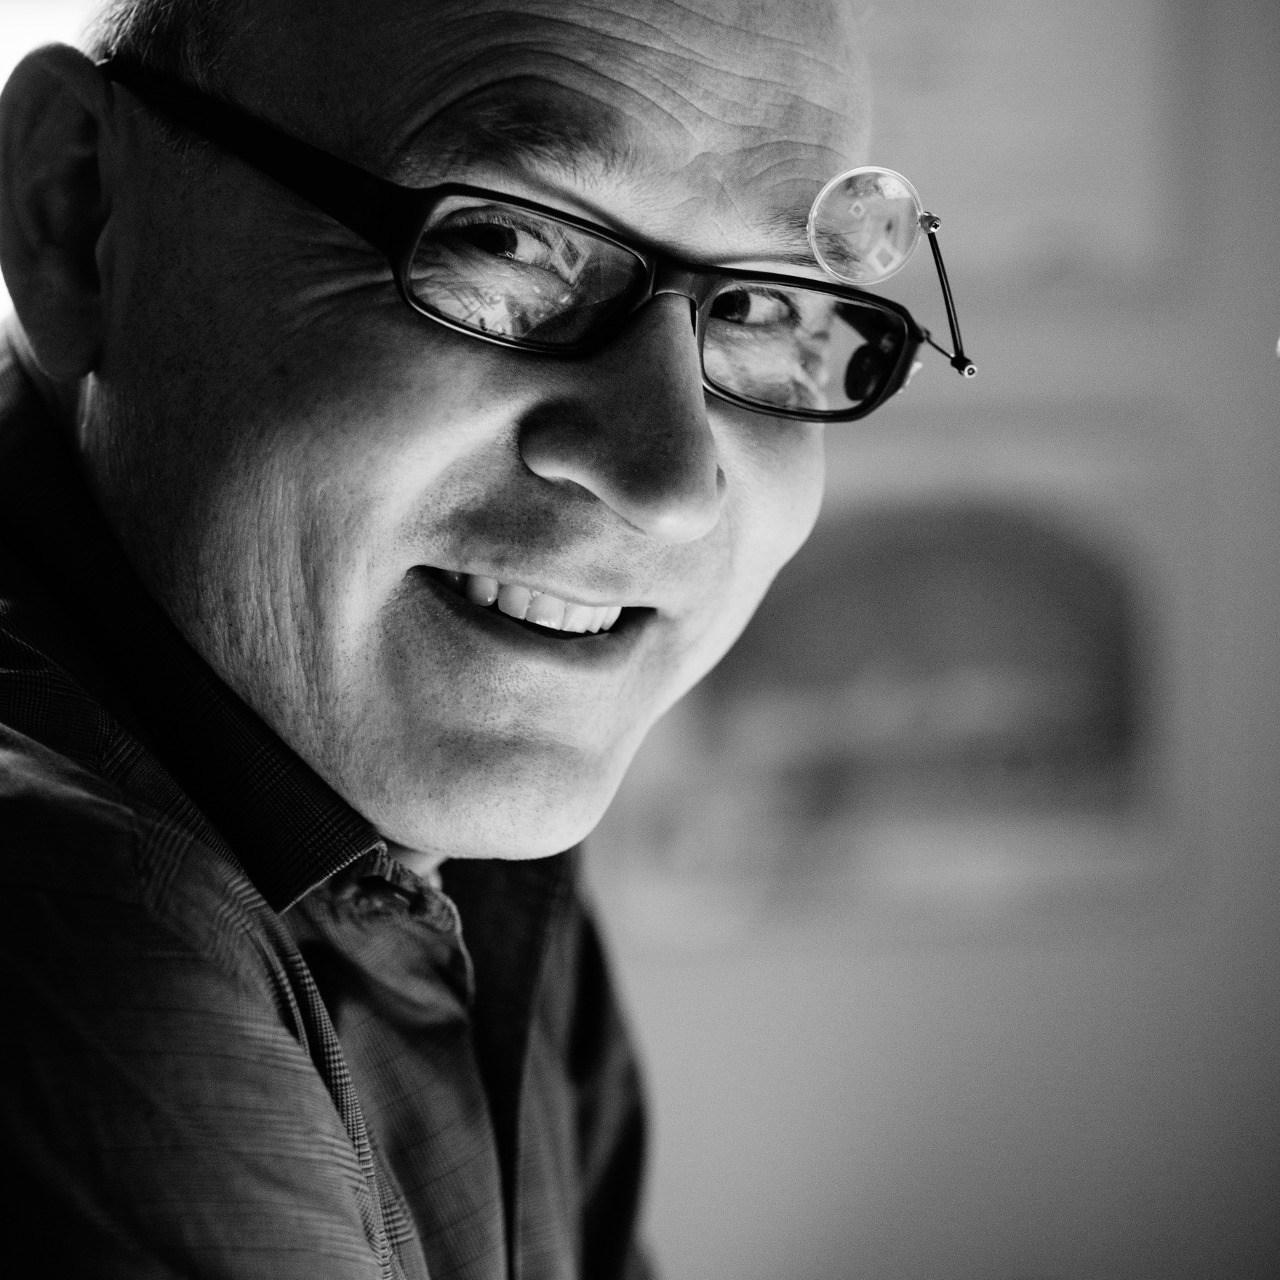 Patrik Sjogren of Gos Watches